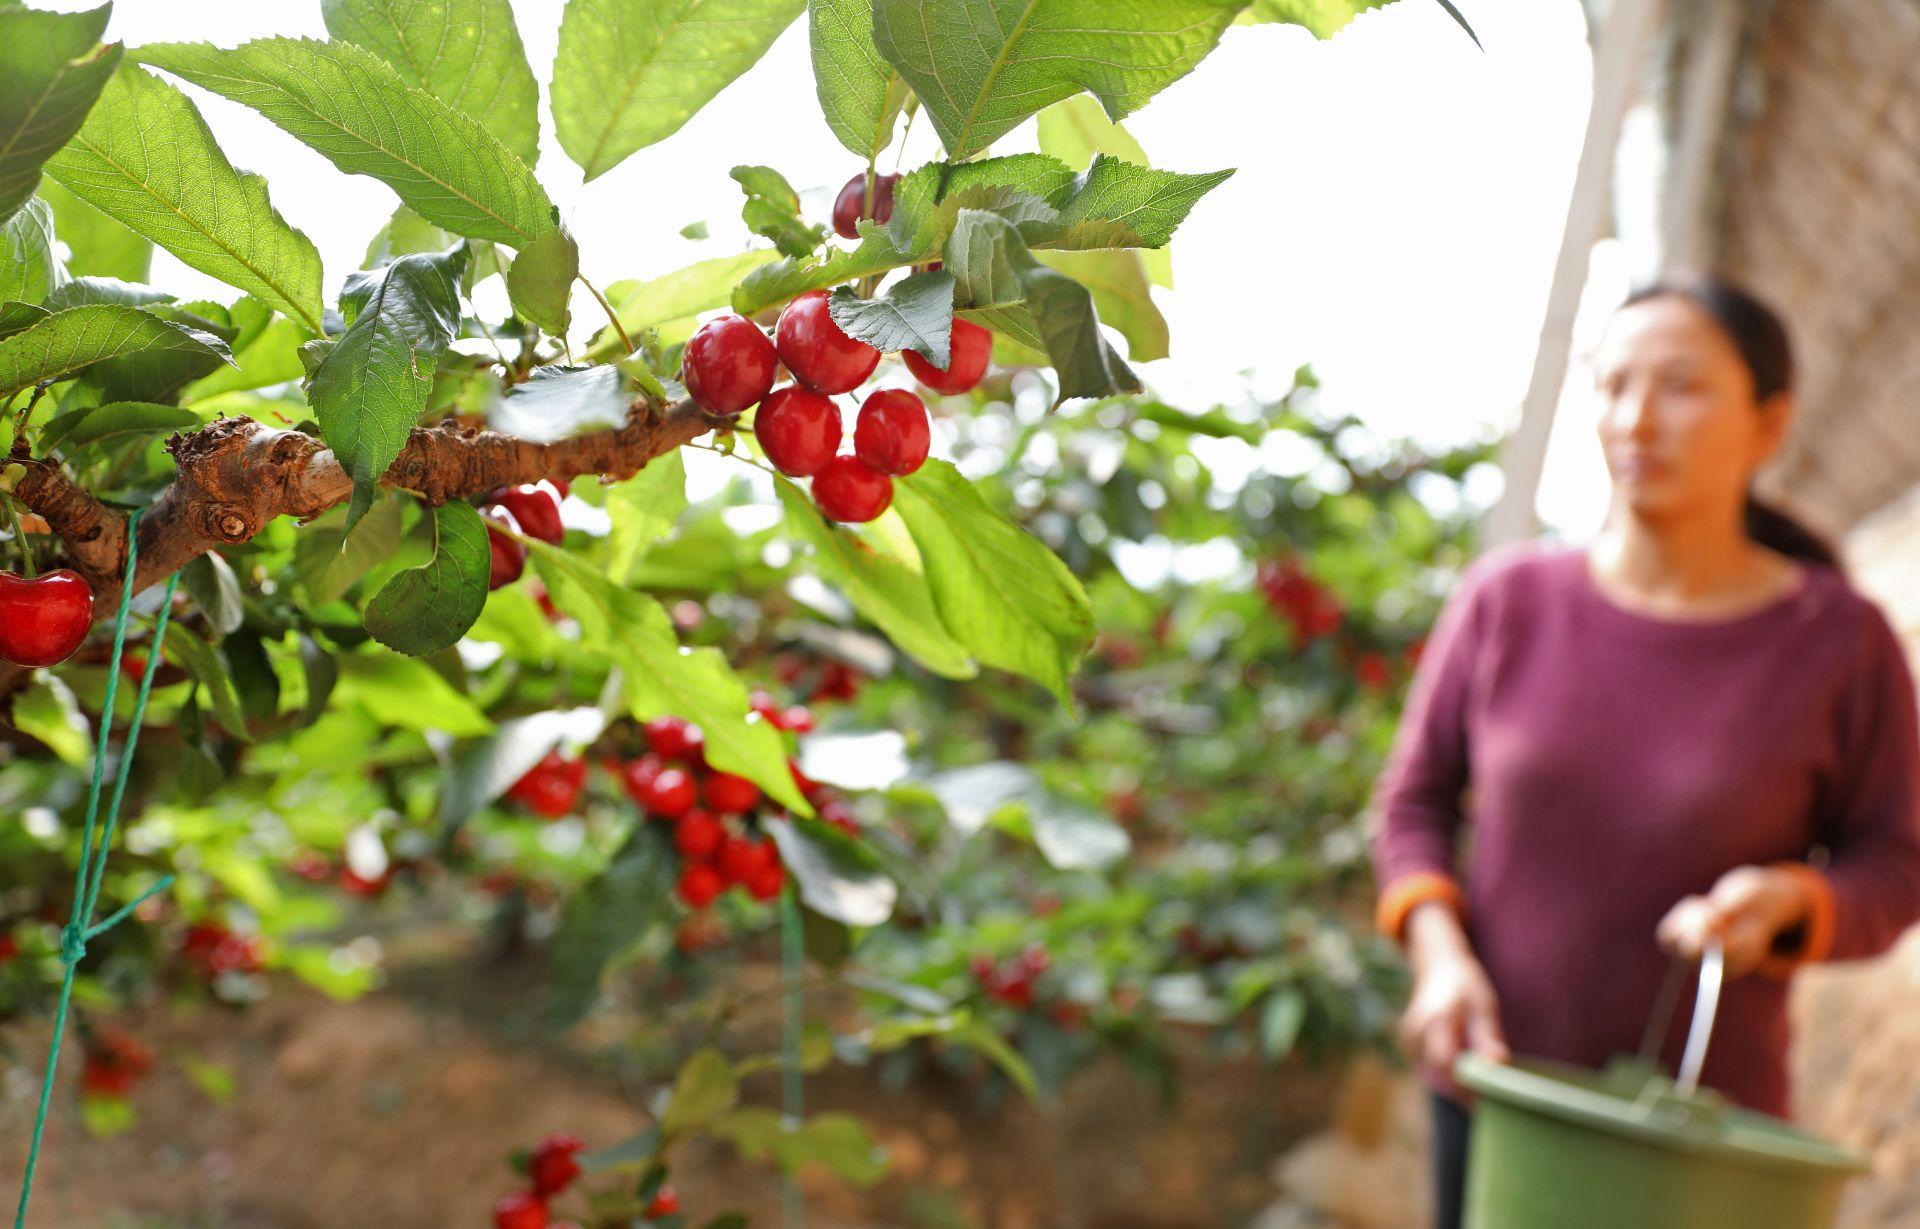 辽宁大连:樱桃生产忙